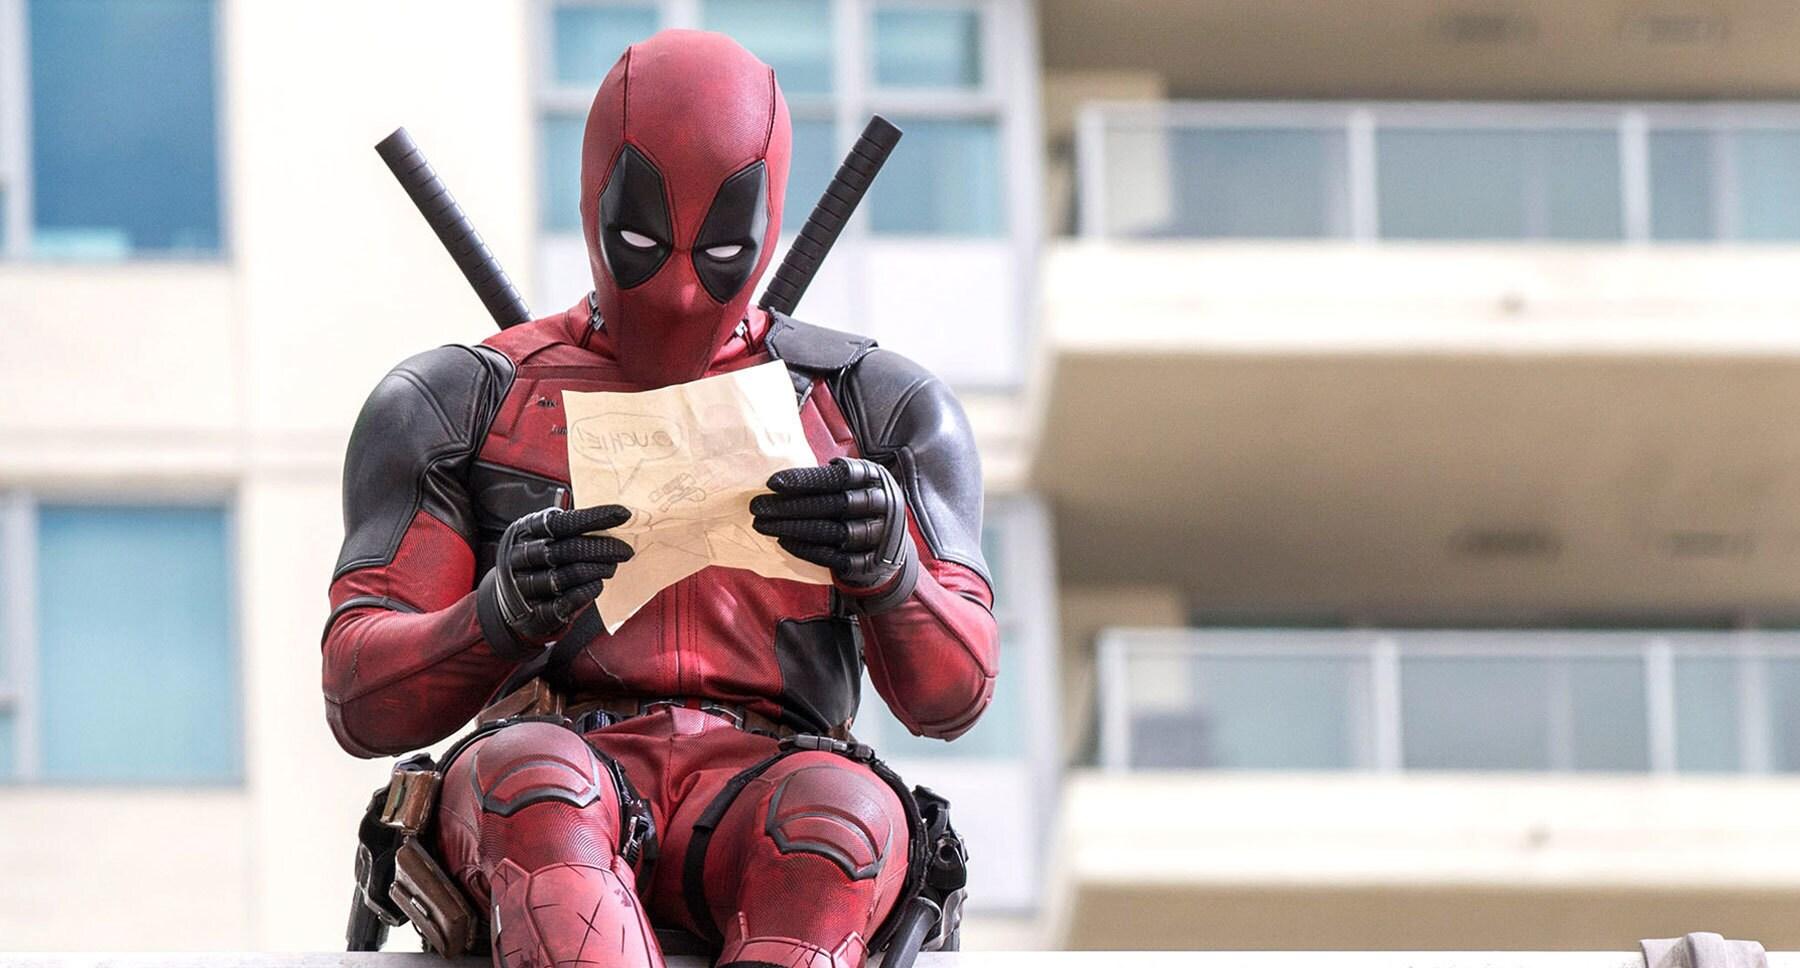 """Ryan Reynolds (Deadpool) reading a letter in """"Deadpool"""""""